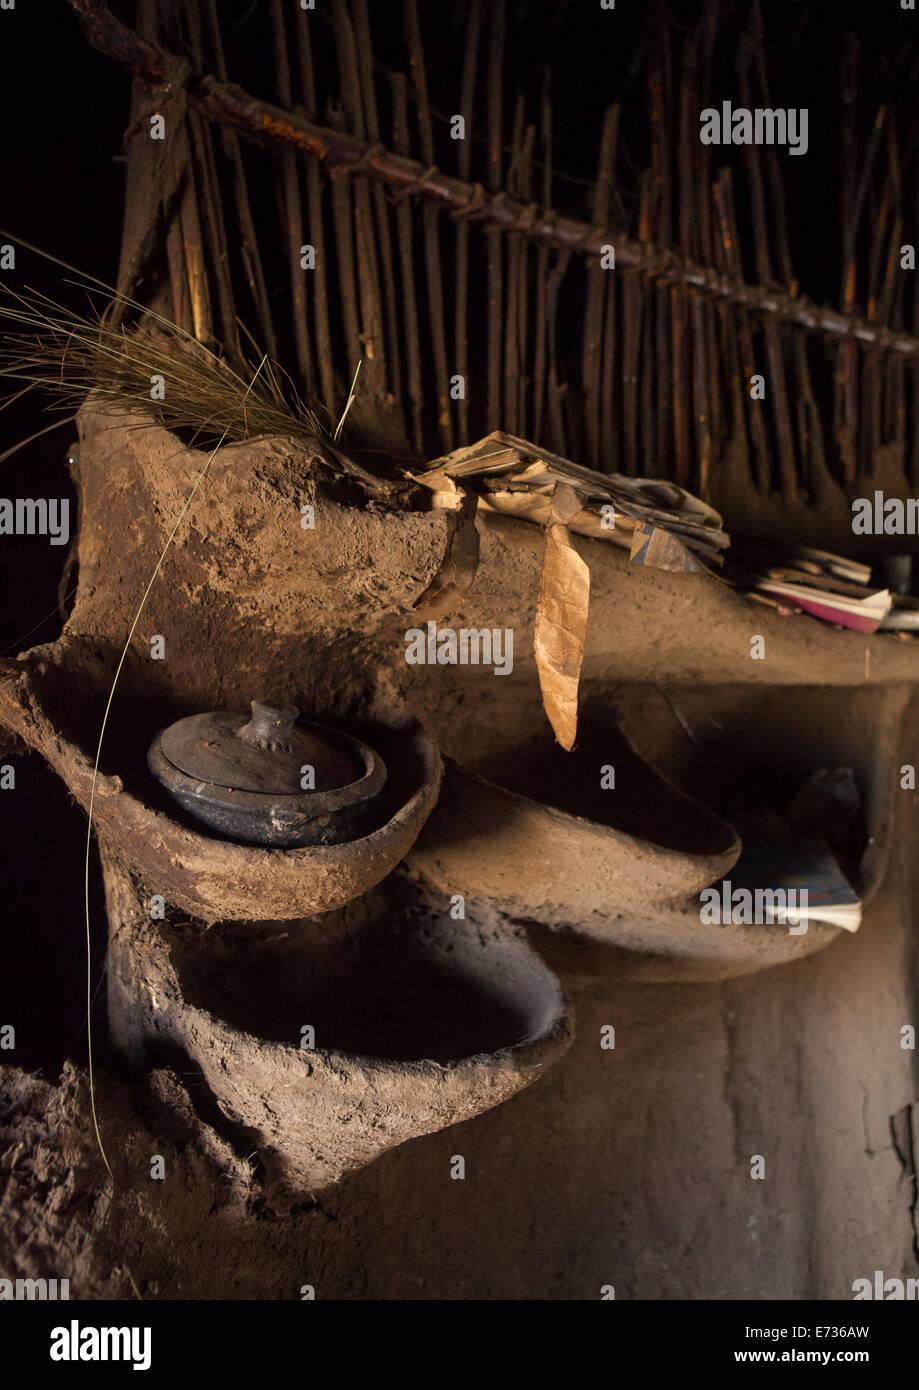 The Inside Of A Hut, Lalibela, Ethioipia - Stock Image